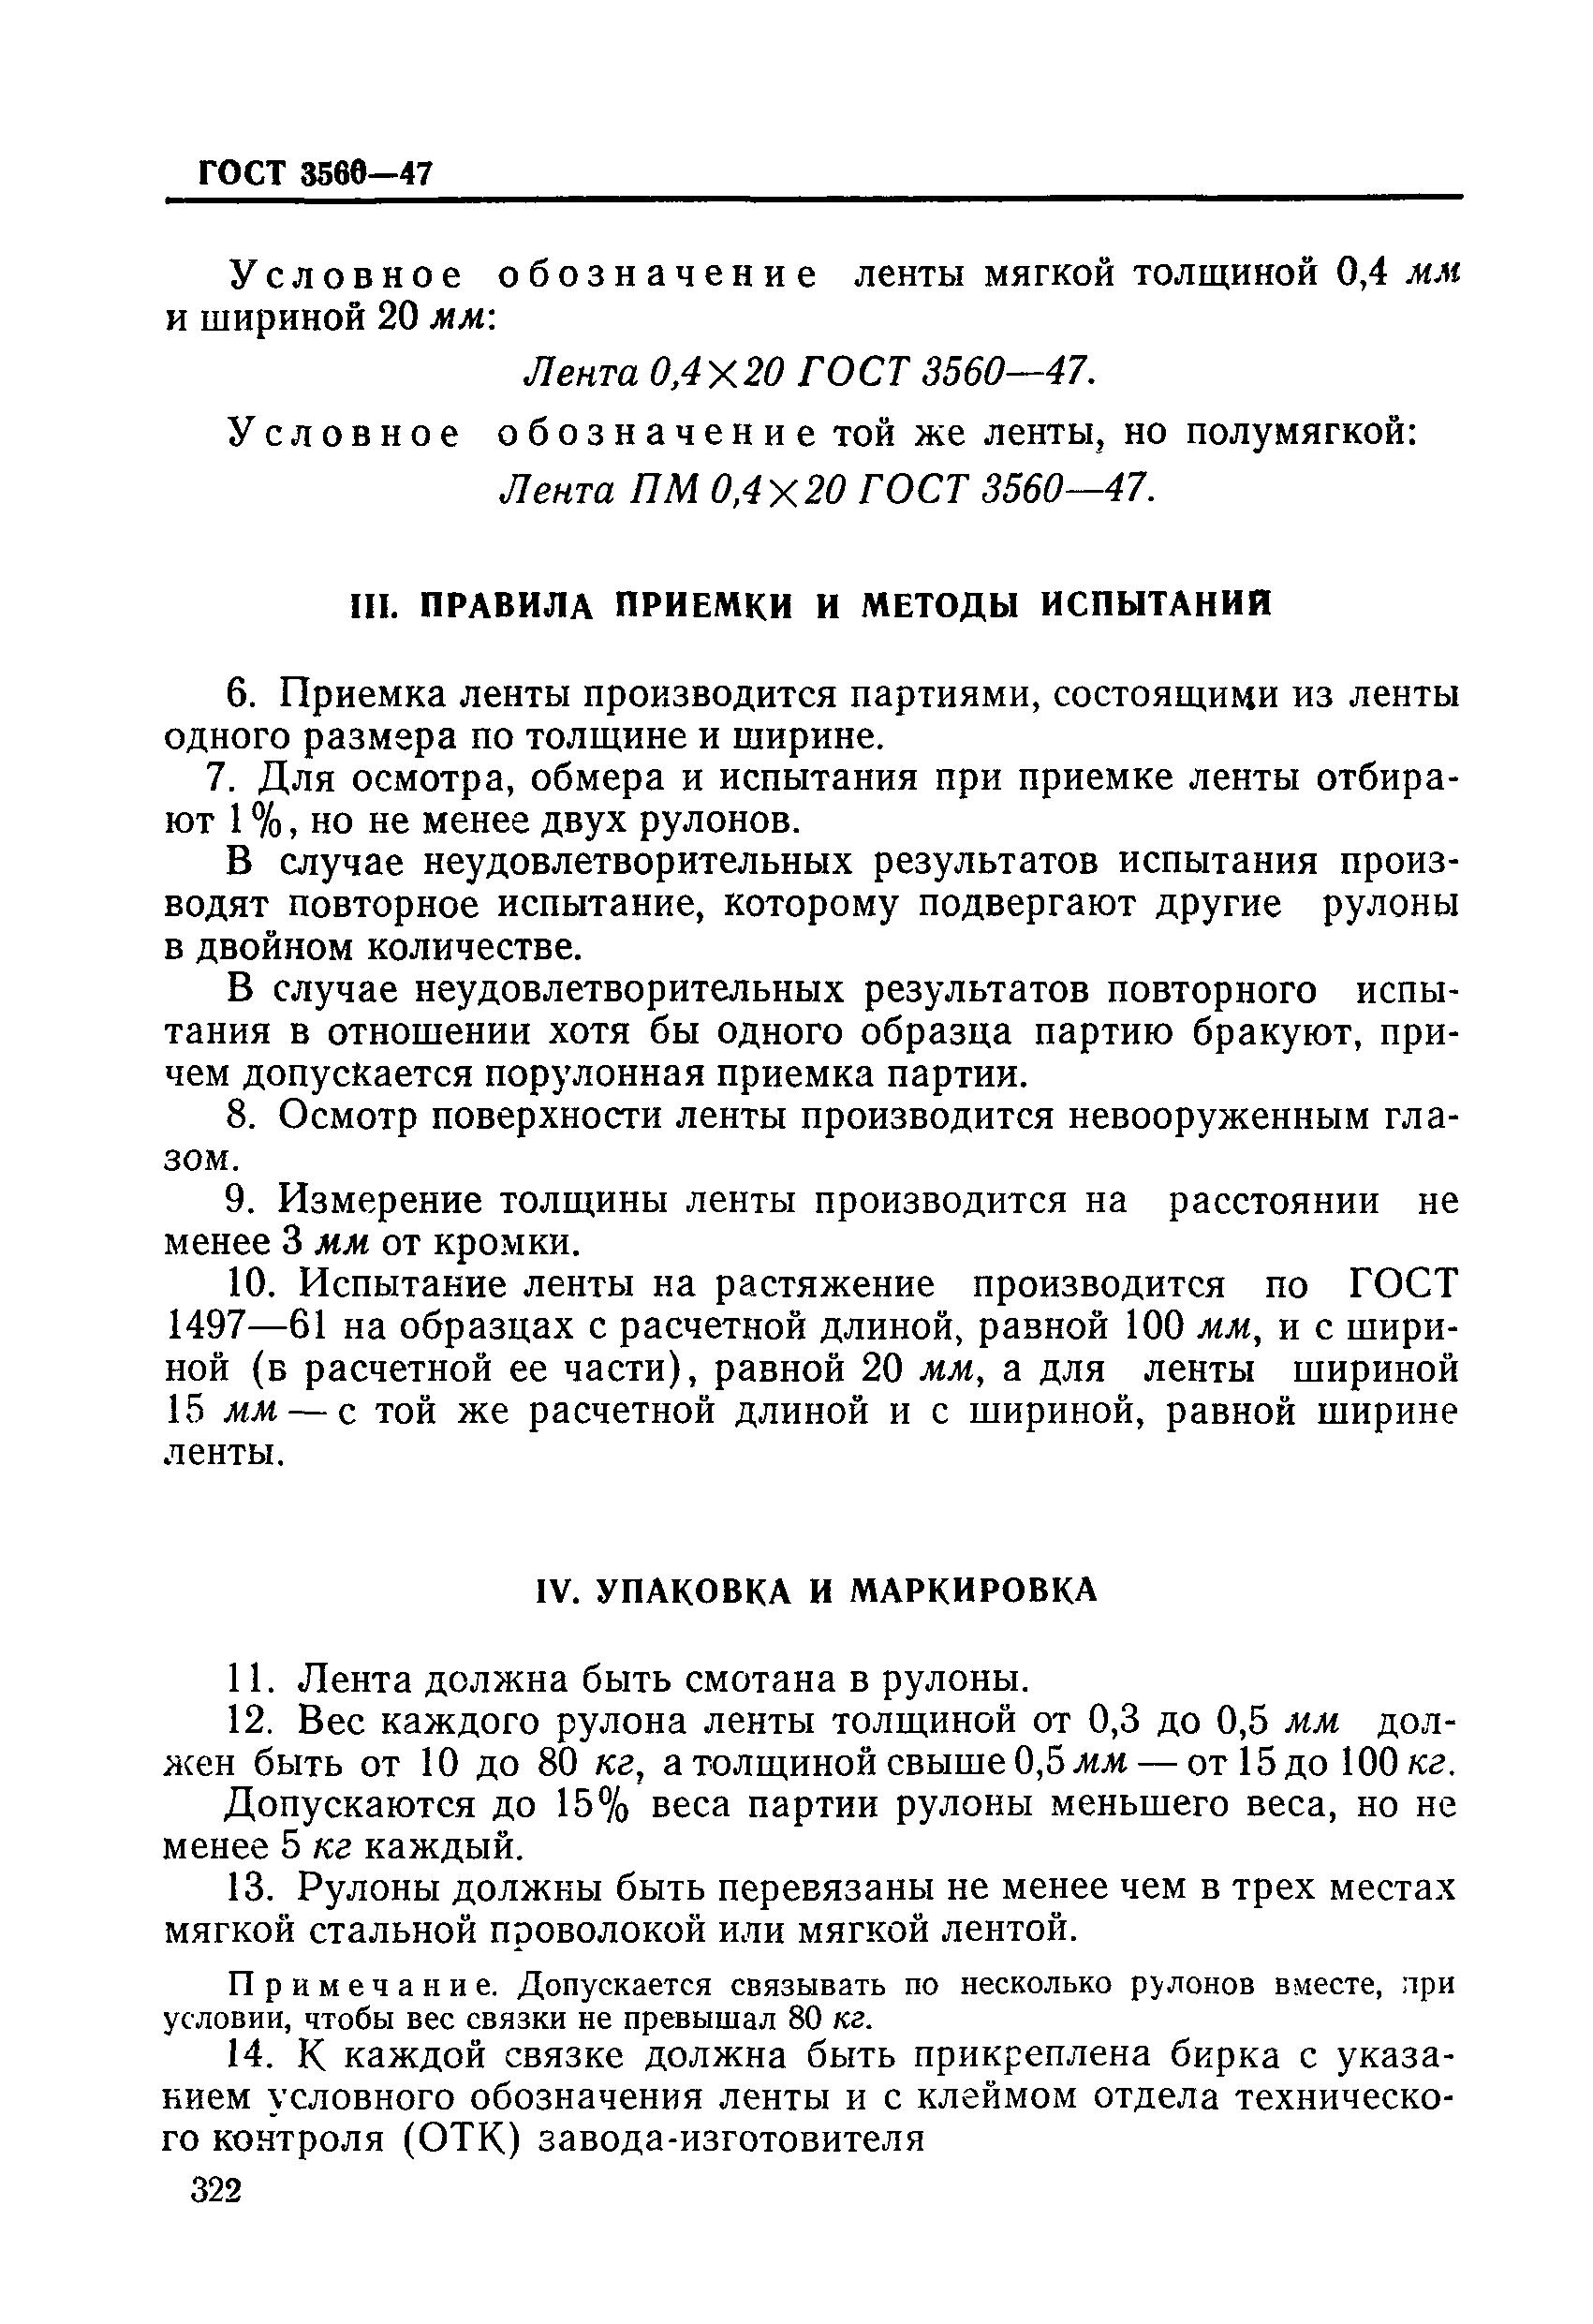 ГОСТ 3560-47. Страница 4